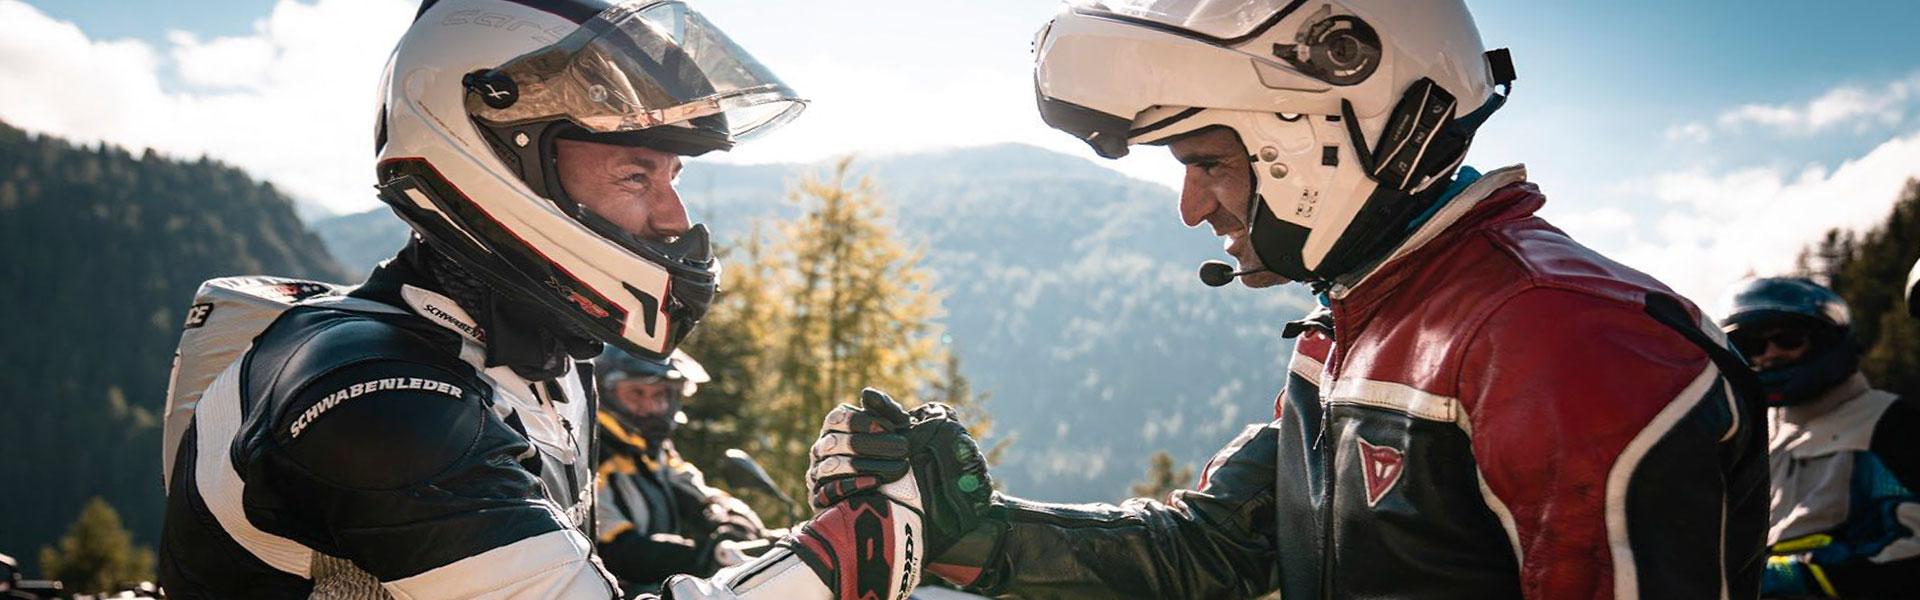 Sena et Interphone s'associent pour connecter les pilotes du monde entier